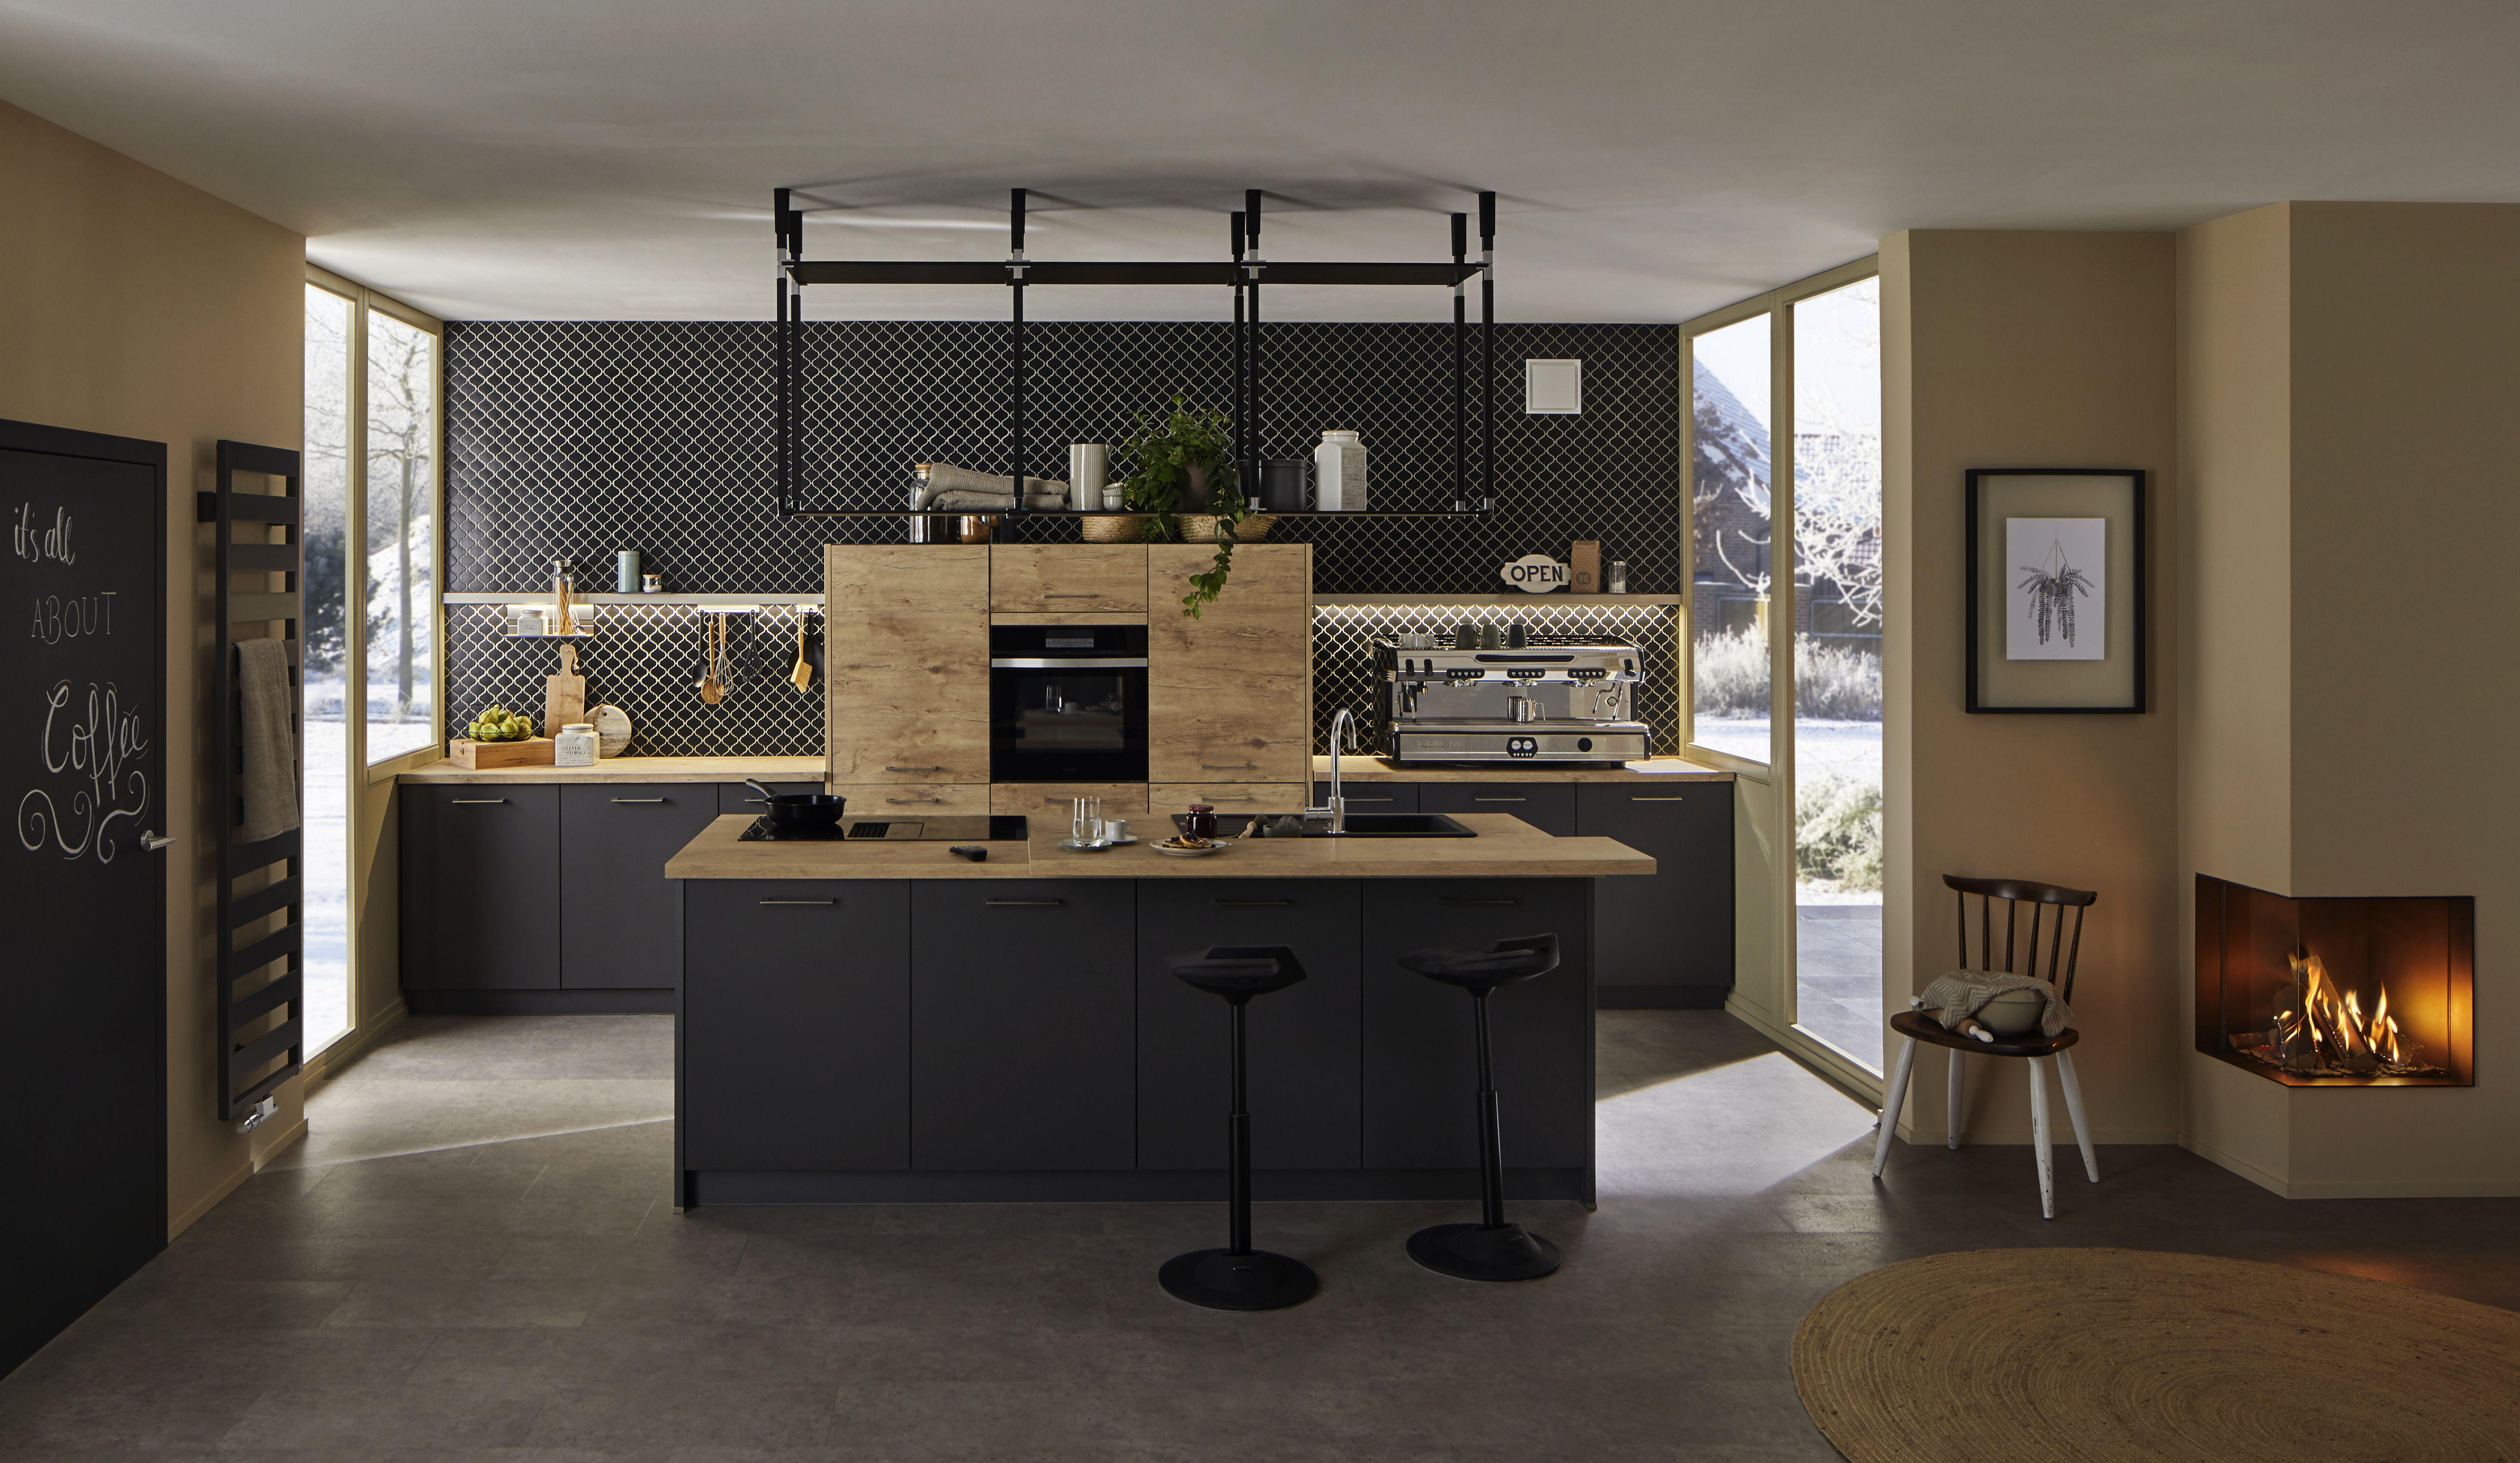 Modern Kitchen kitchendesign küche modernkitchendesign kücheninsel deckenregal hängeregal ...